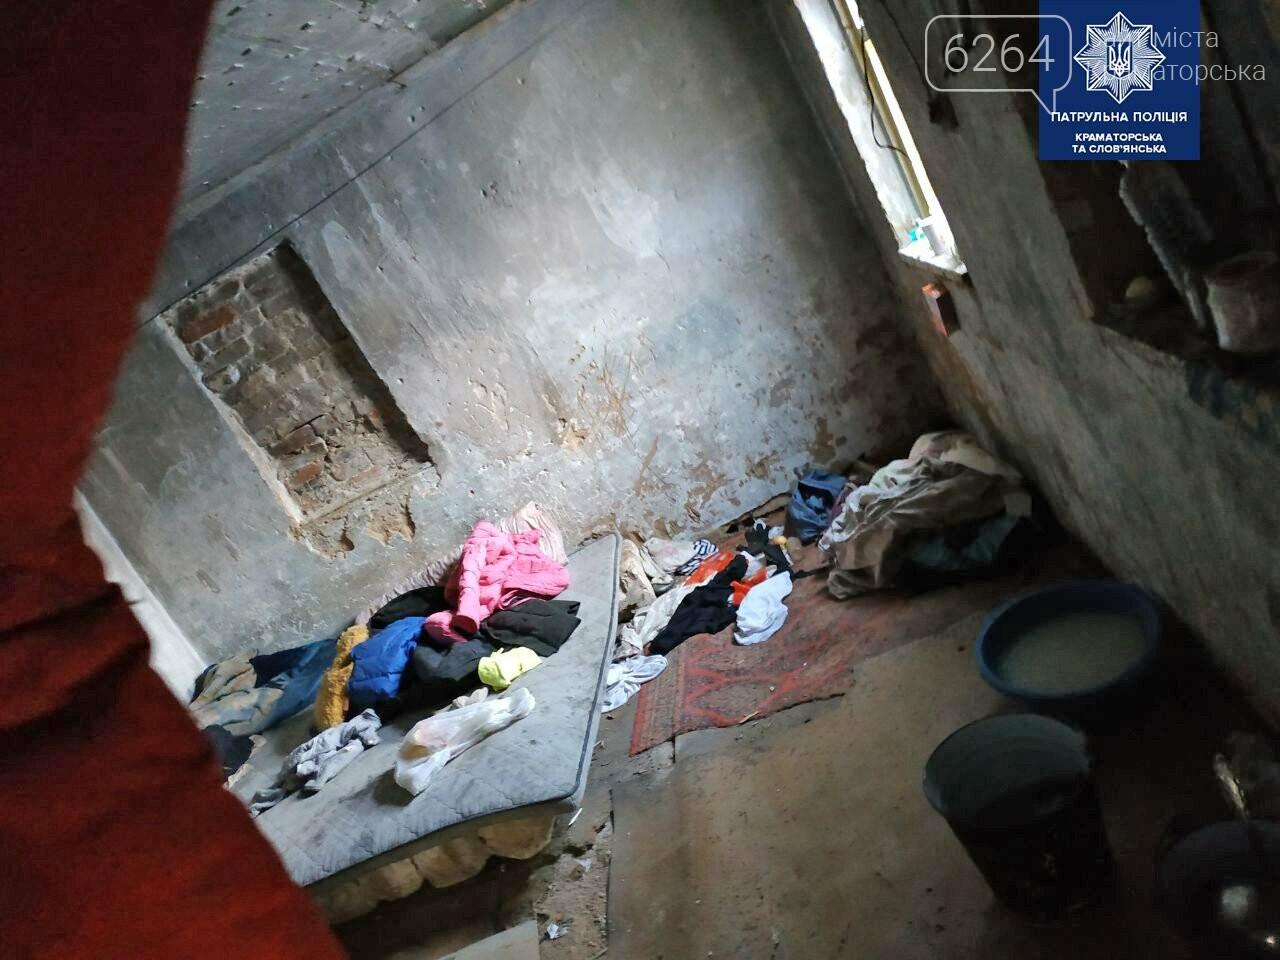 В Краматорске патрульные разыскали сбежавшего ребенка, а брошенного младенца устроили в детскую больницу, фото-2